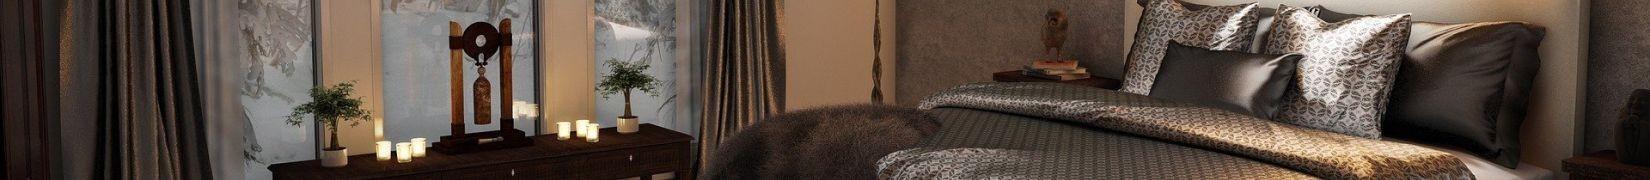 Dywany do sypialni wykonany z dobrych materiałów i kolorystyce.